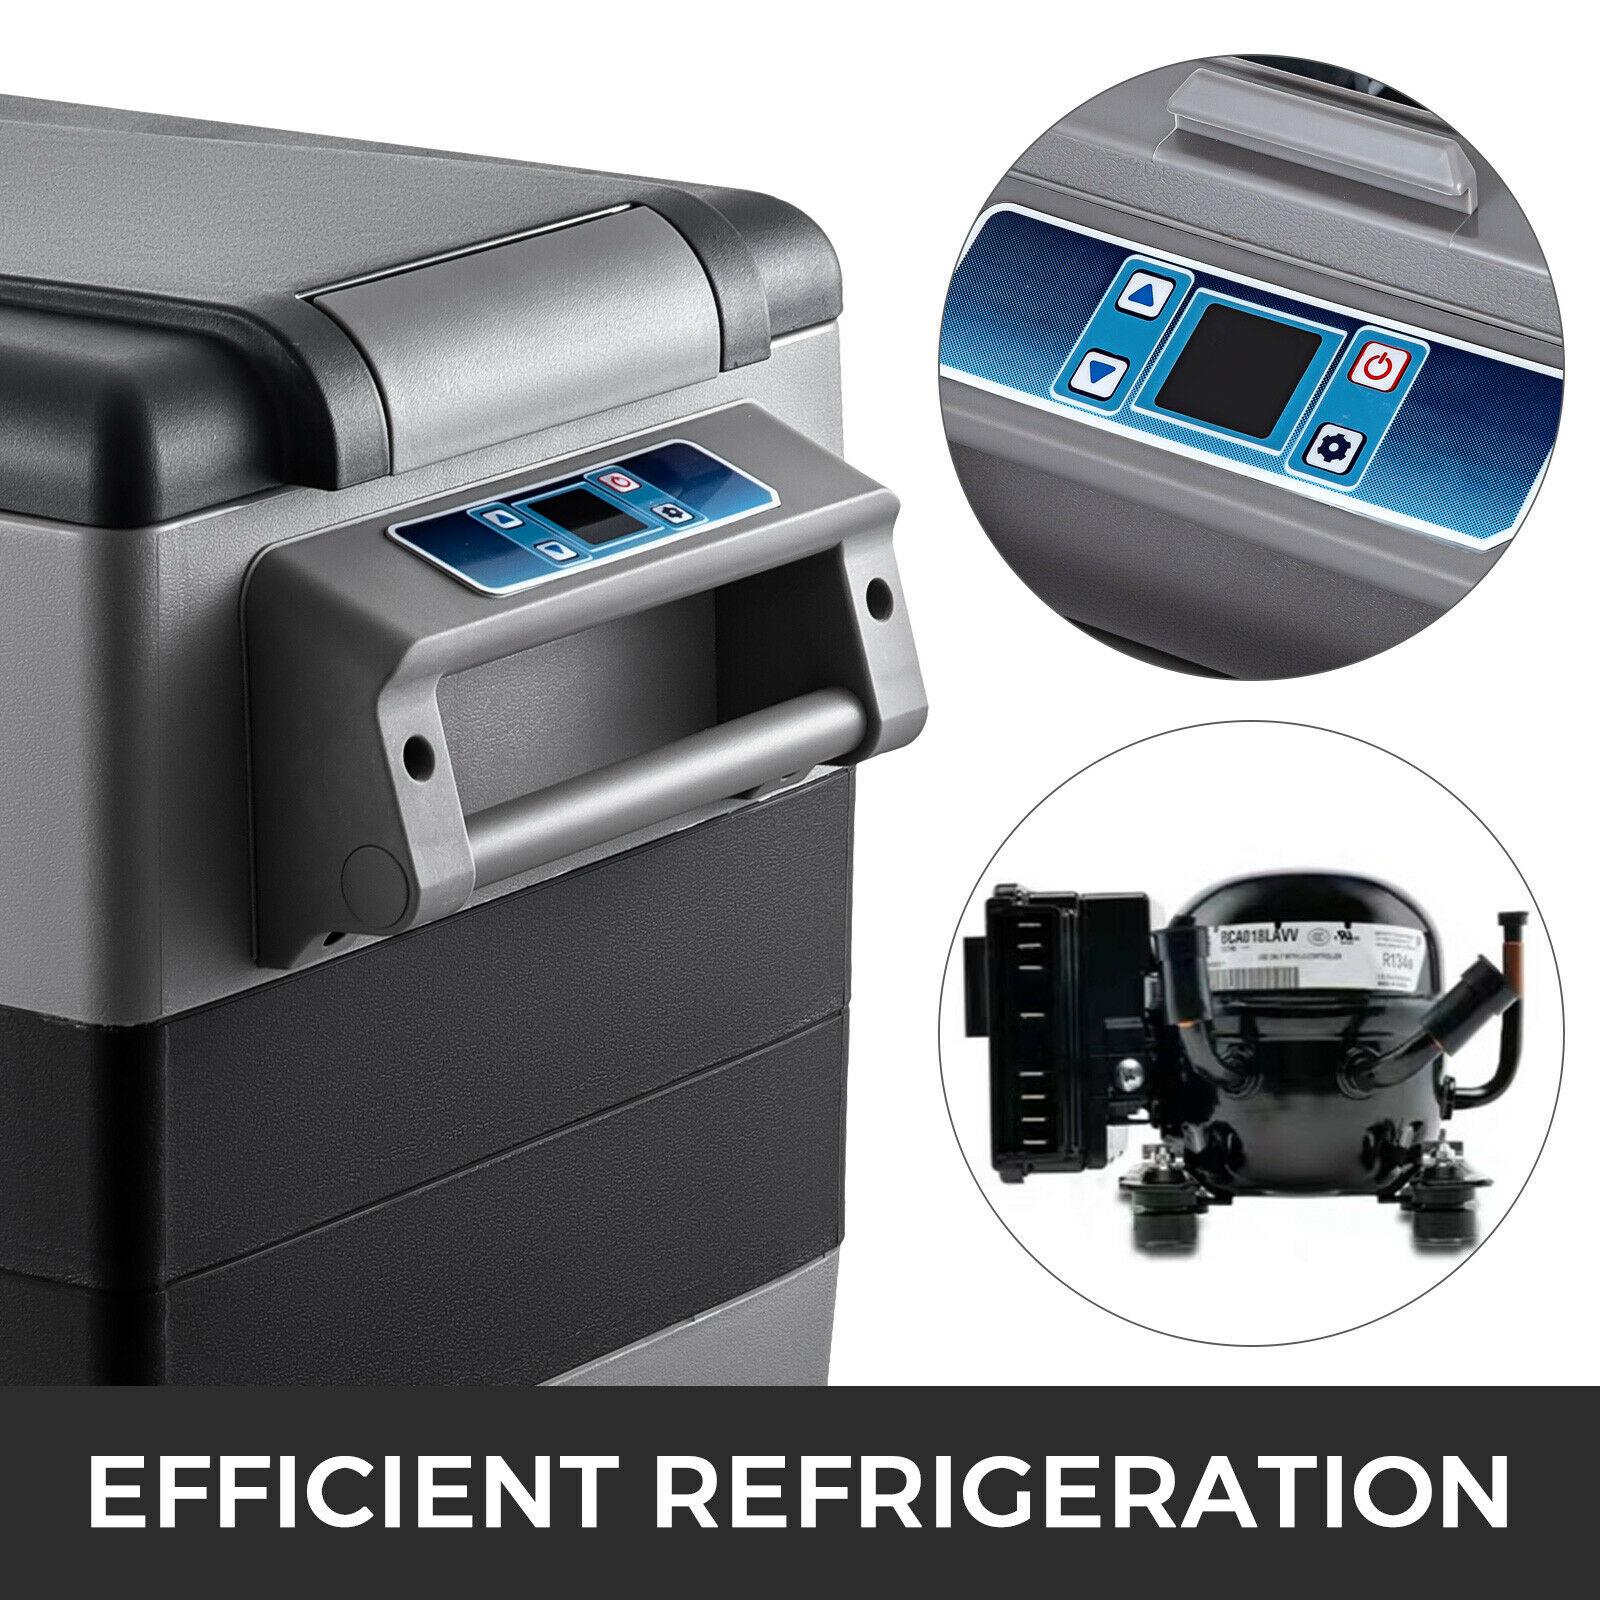 VEVOR 20L 22L 35L 45L 55L маленький автомобиль холодильник 12/24V DC 110-240V AC Портативный мини холодильники компрессора морозильных камер охладитель воздуха для дома 4